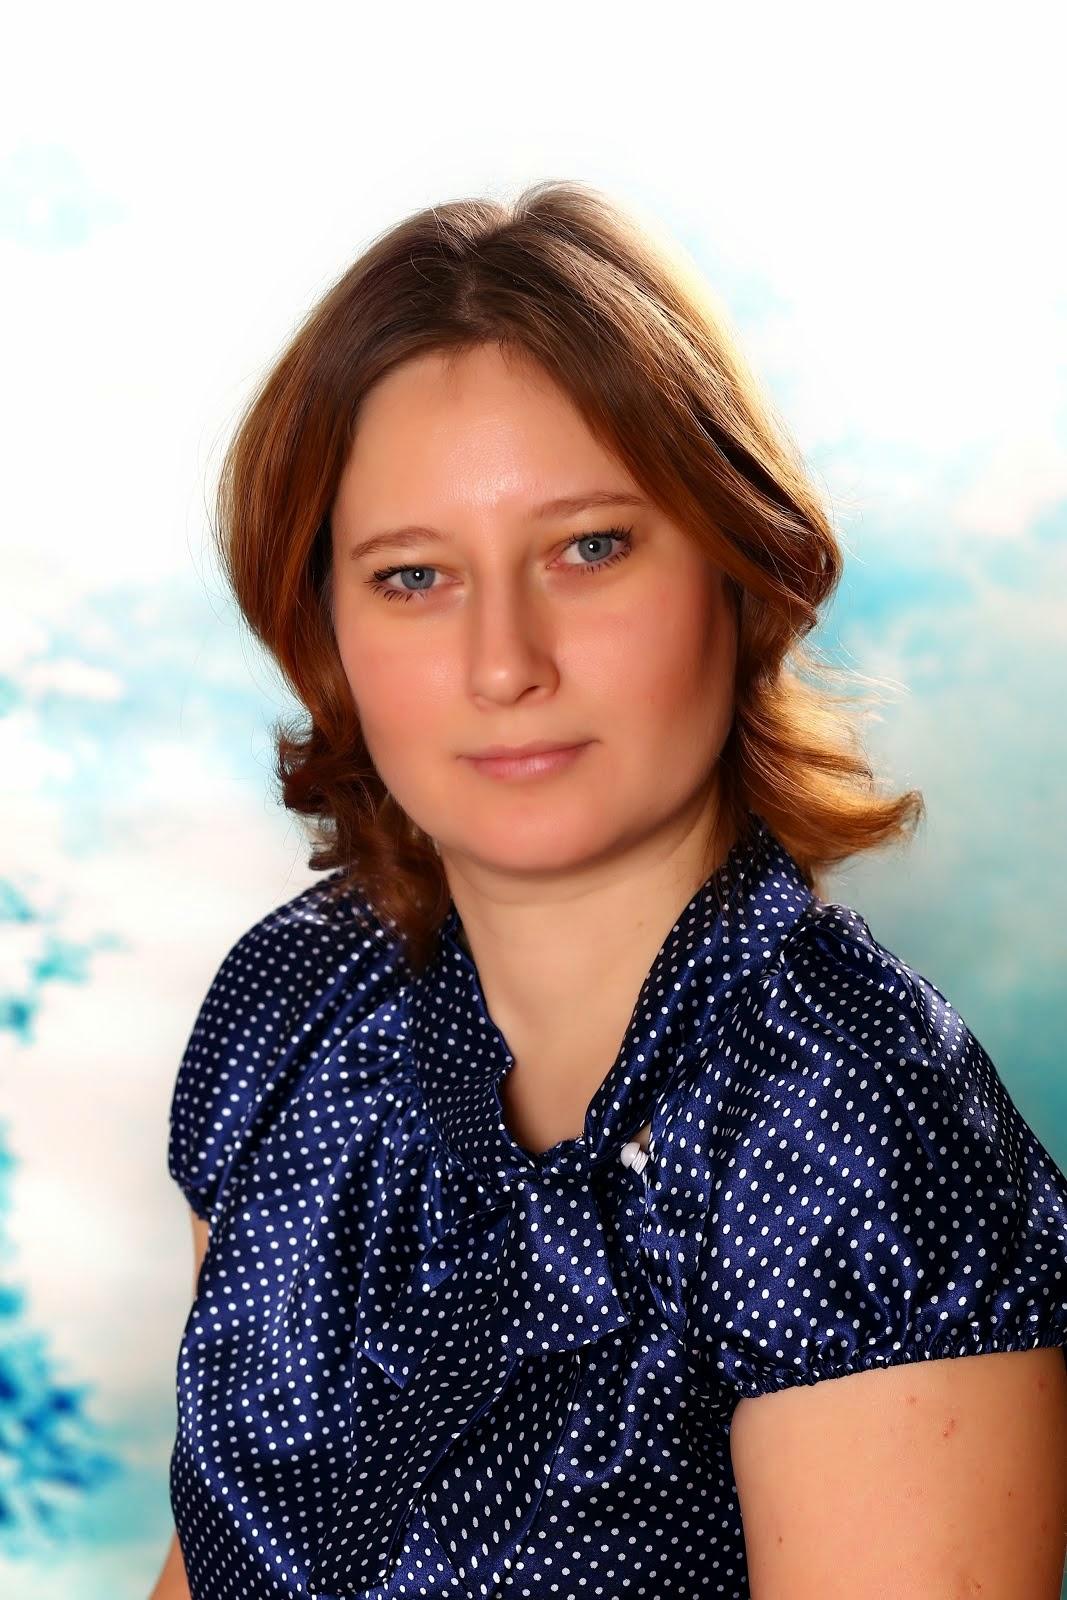 Шалонина Анастасия Анатольевна